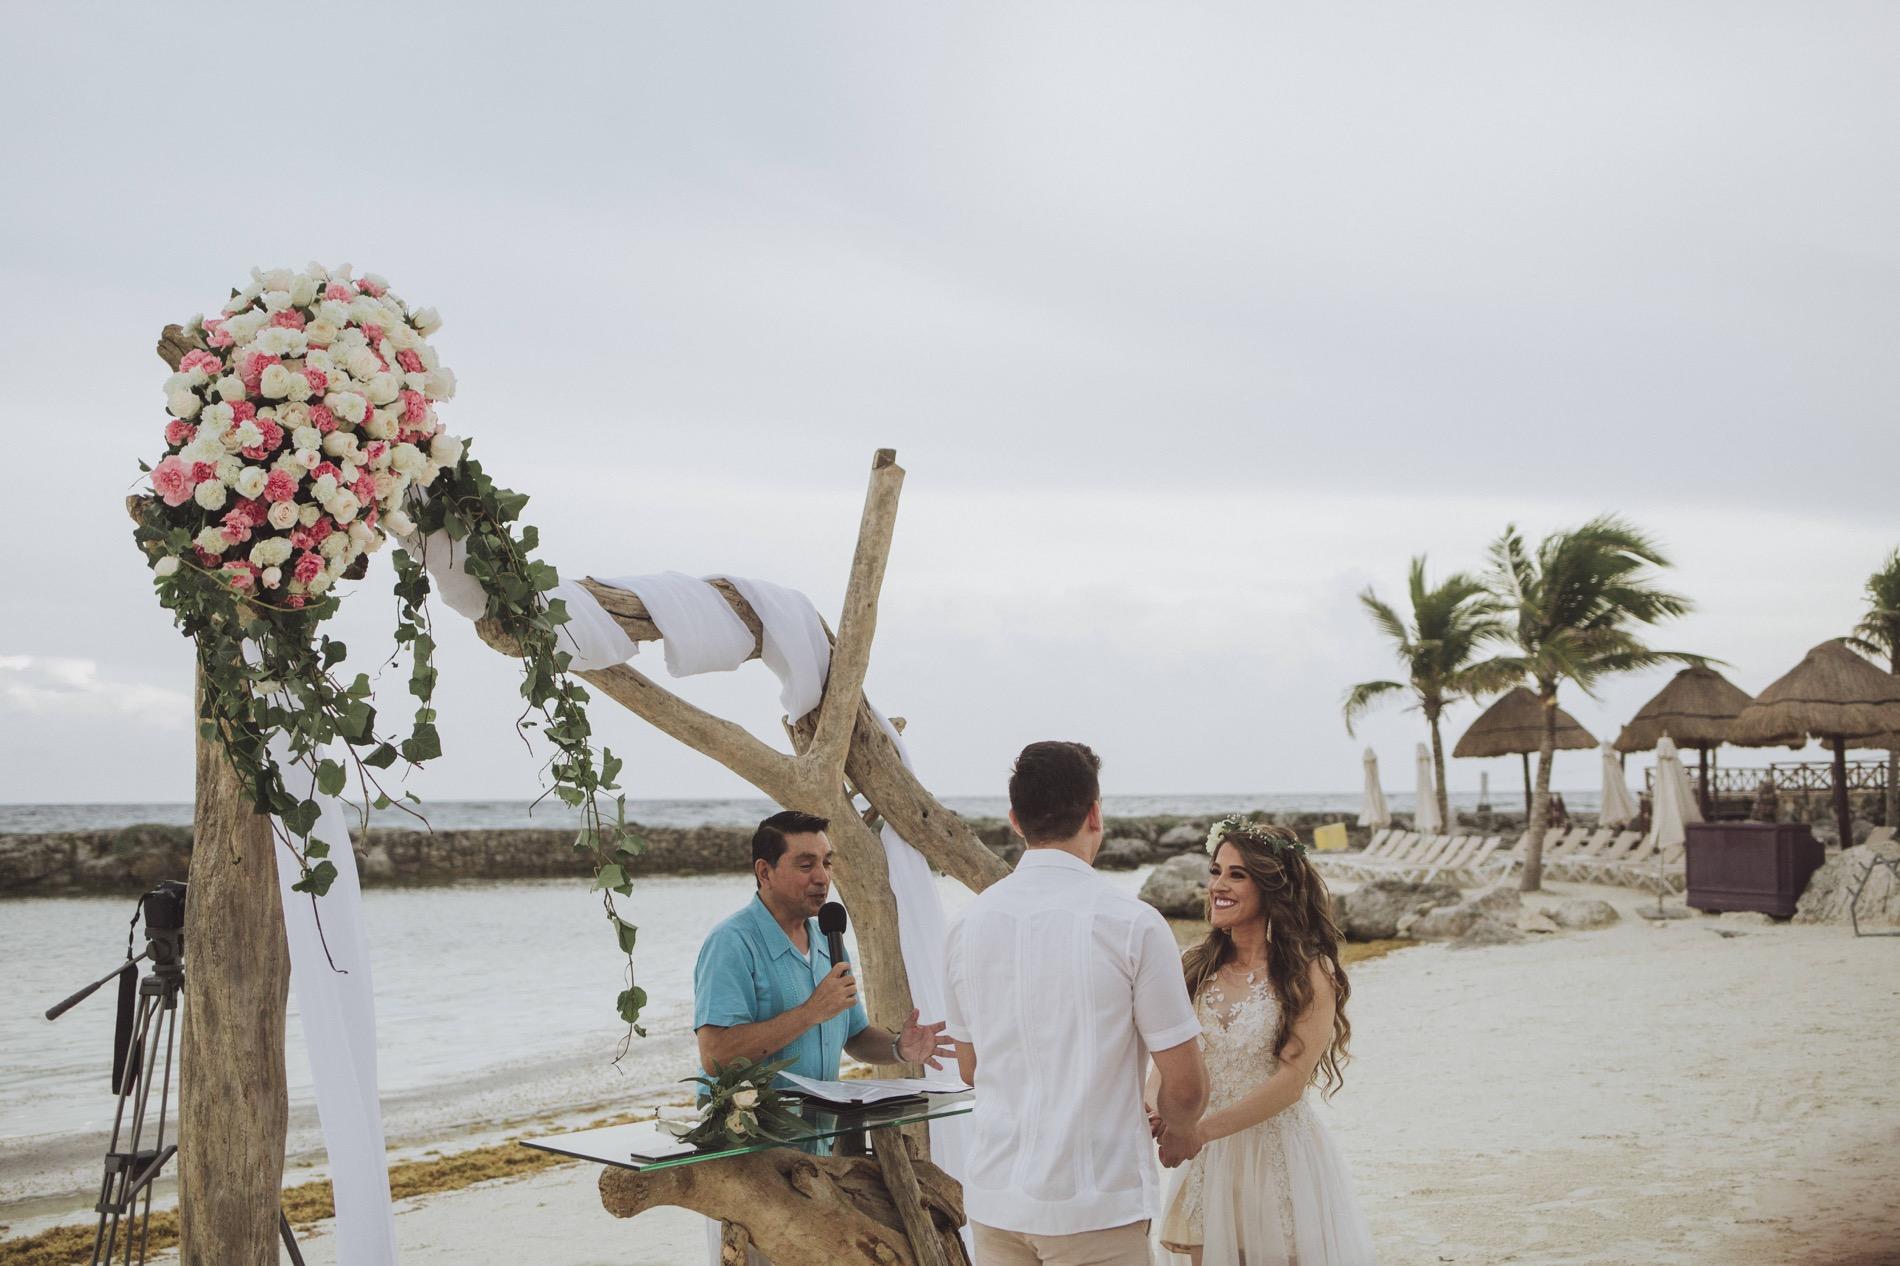 fotografo_bodas_profesional_zacatecas_riviera_maya_cancun-46